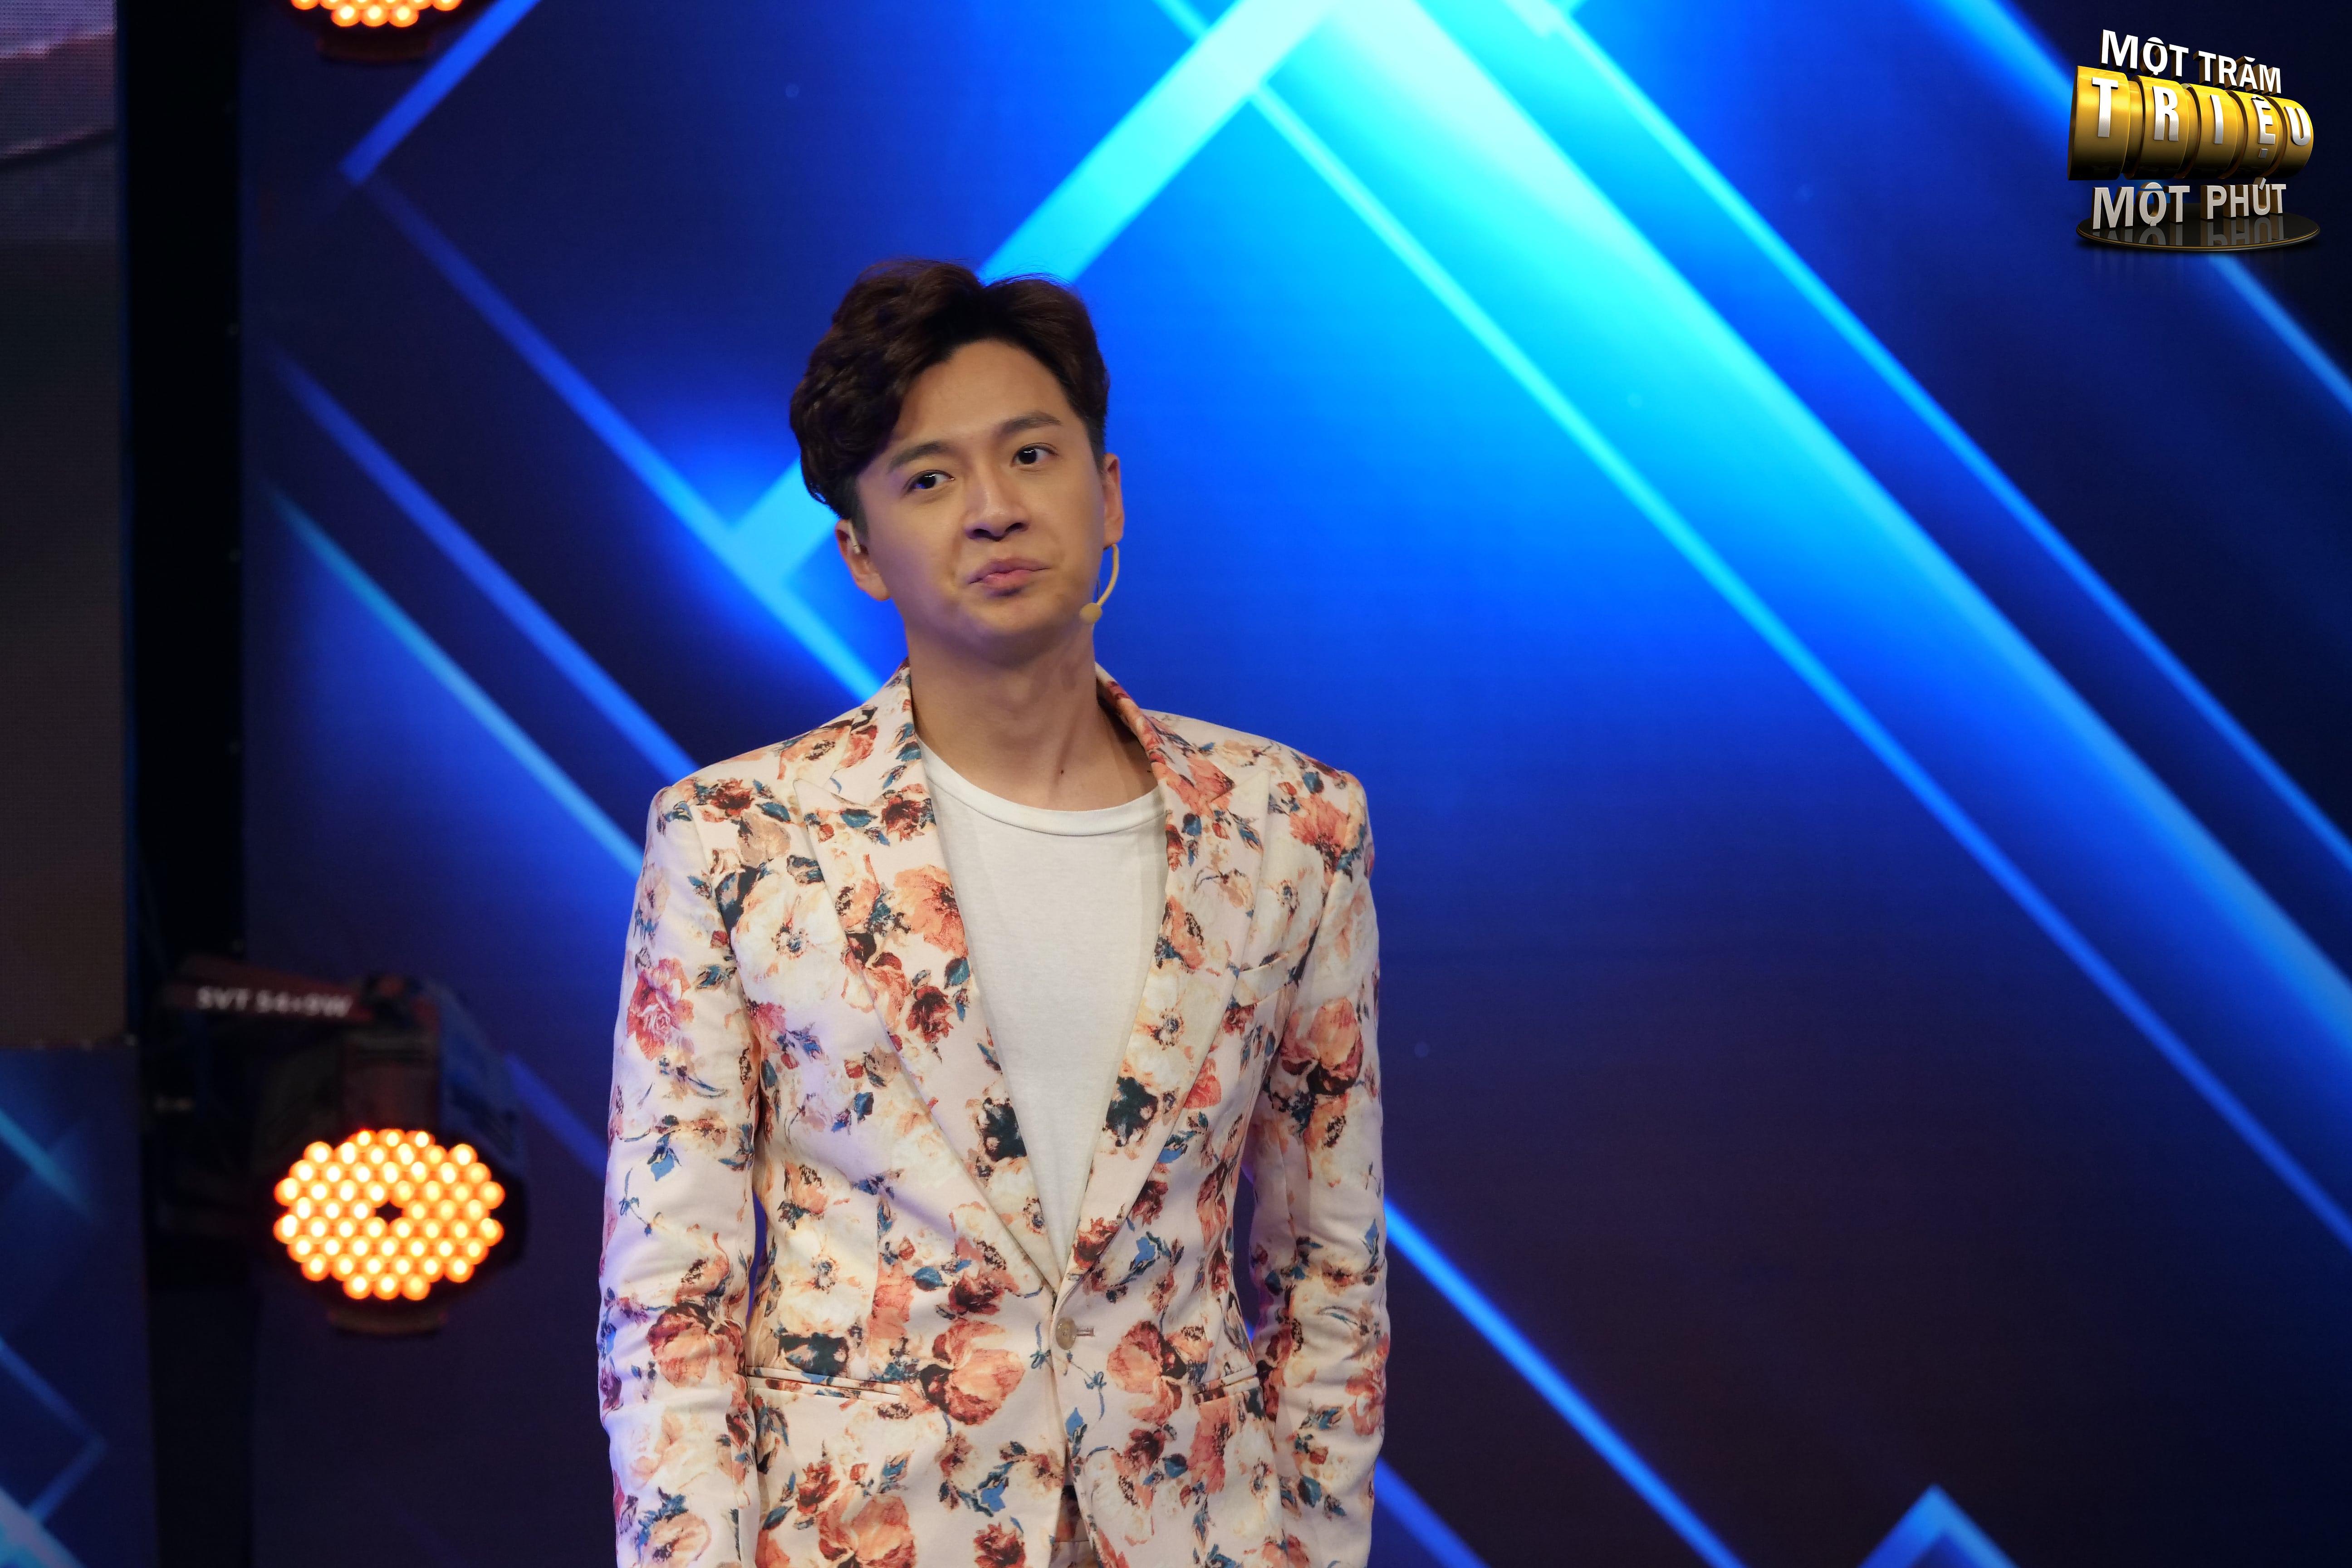 Tiết Cương kết hợp Ngân Quỳnh vạch trần Ngô Kiến Huy là nghệ sĩ đắt show hàng đầu showbiz